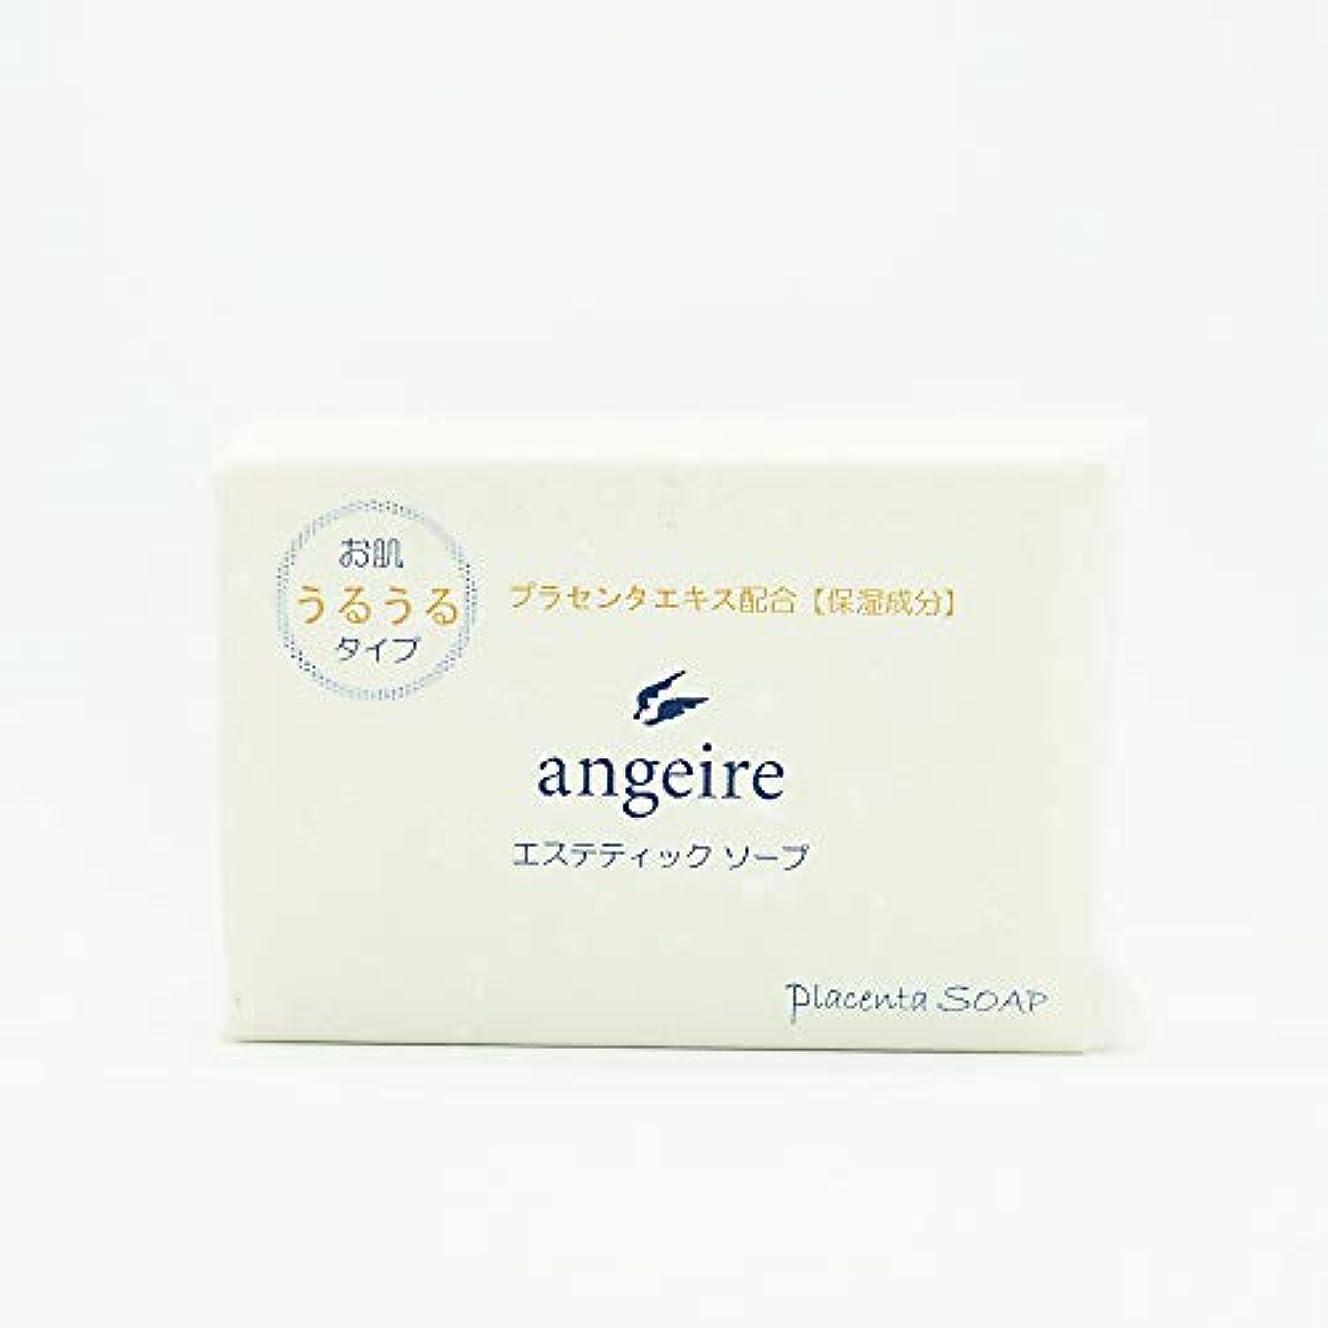 キャンバスディスコ指定angeire エステティックソープ お肌うるうるタイプ 天然アロマの香り